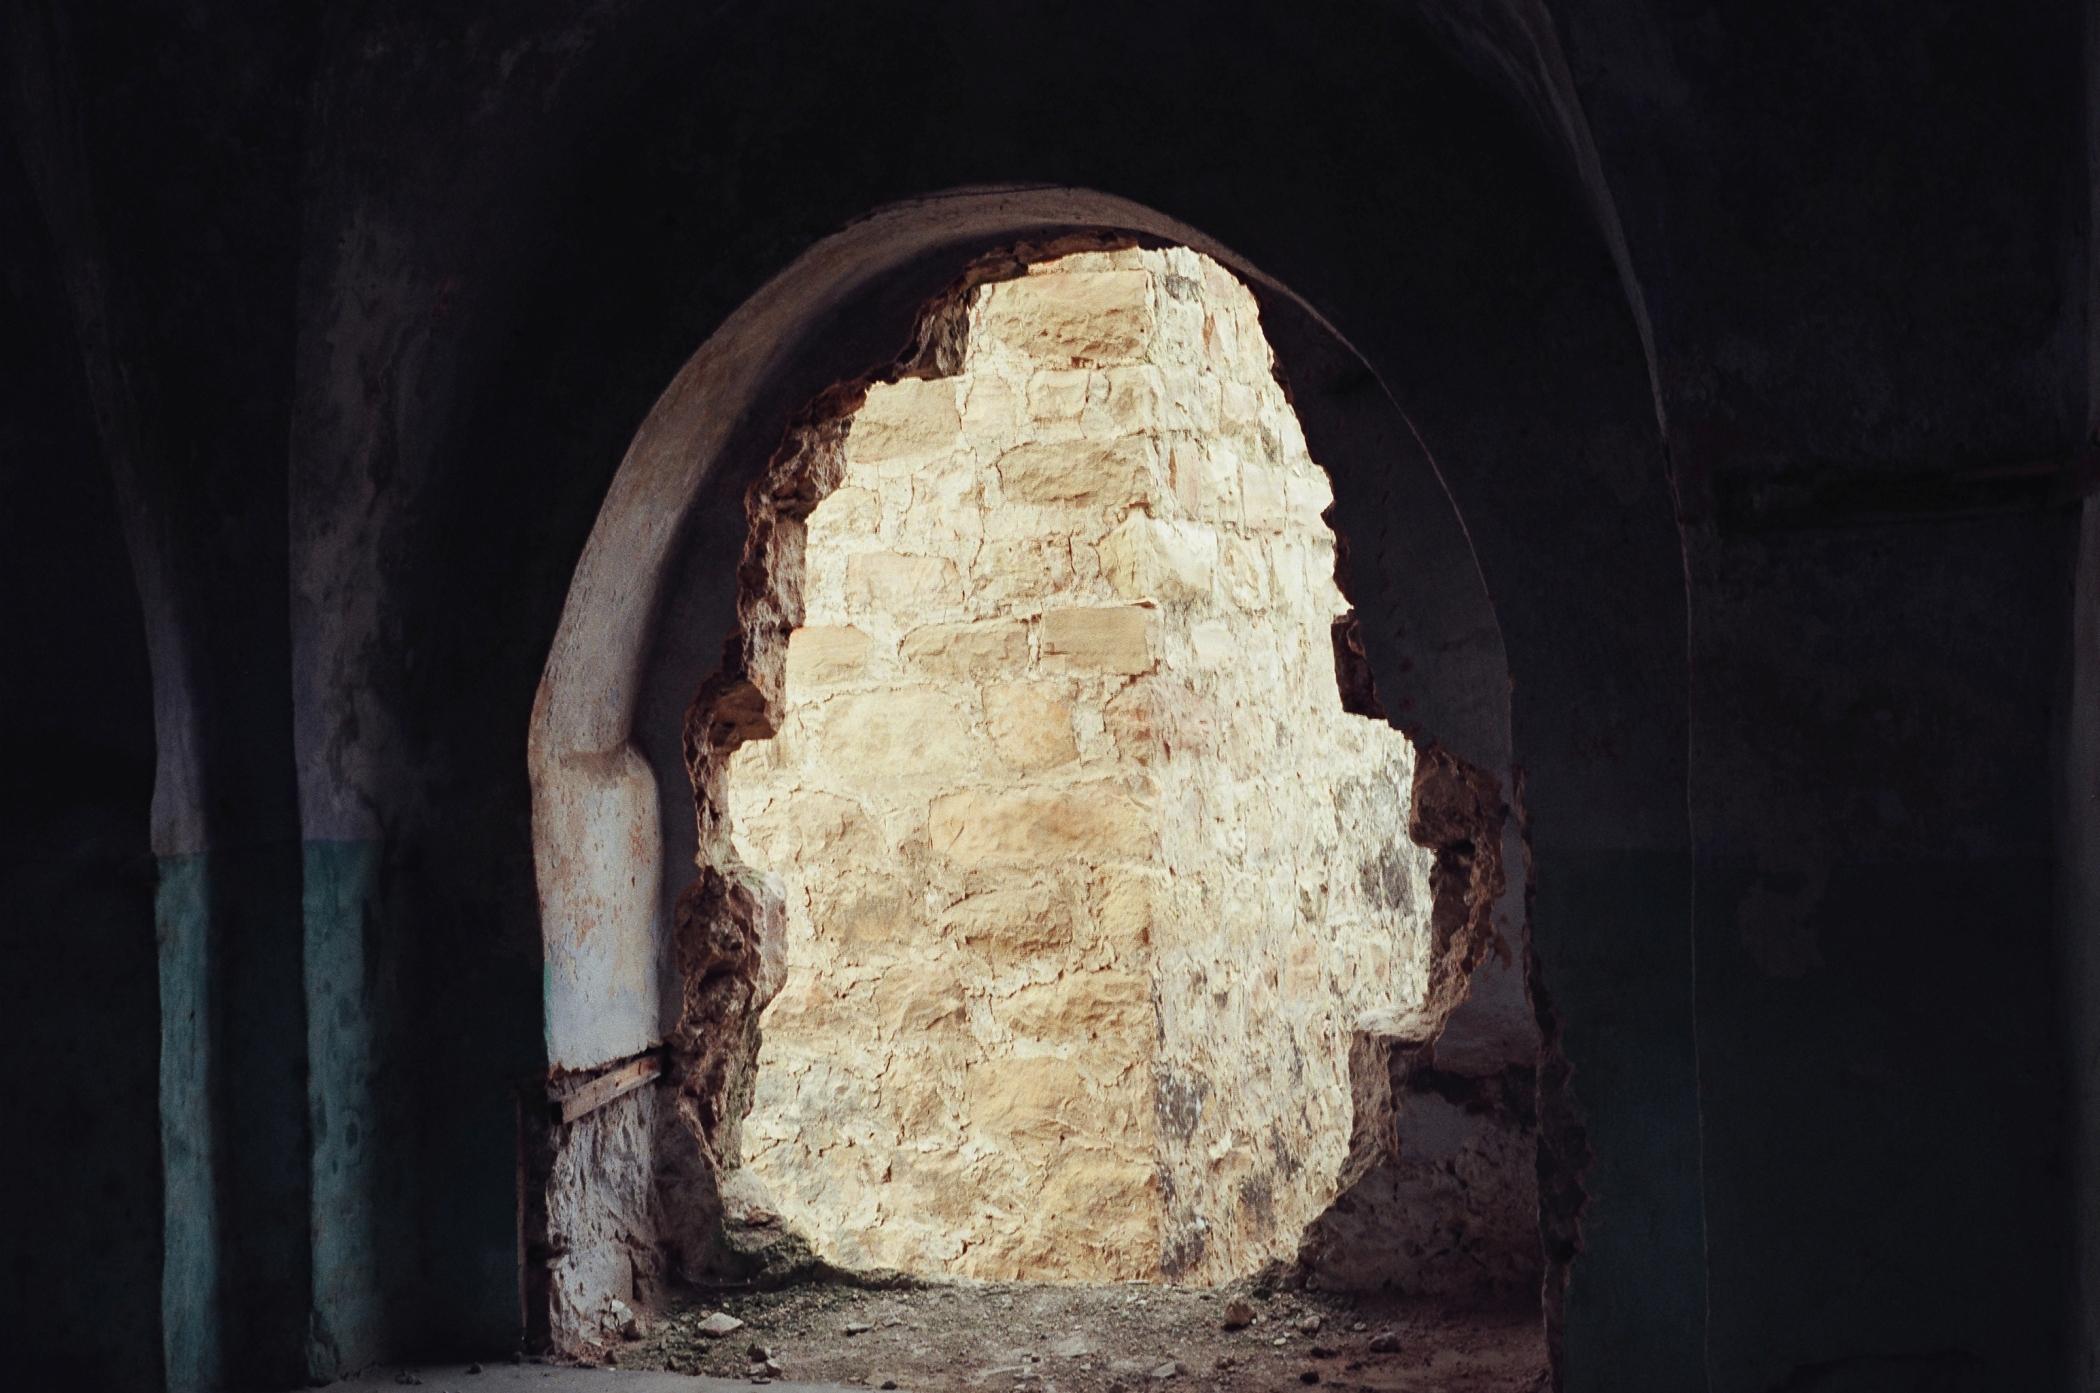 Ruiny (fot. Jehuda Szaul)